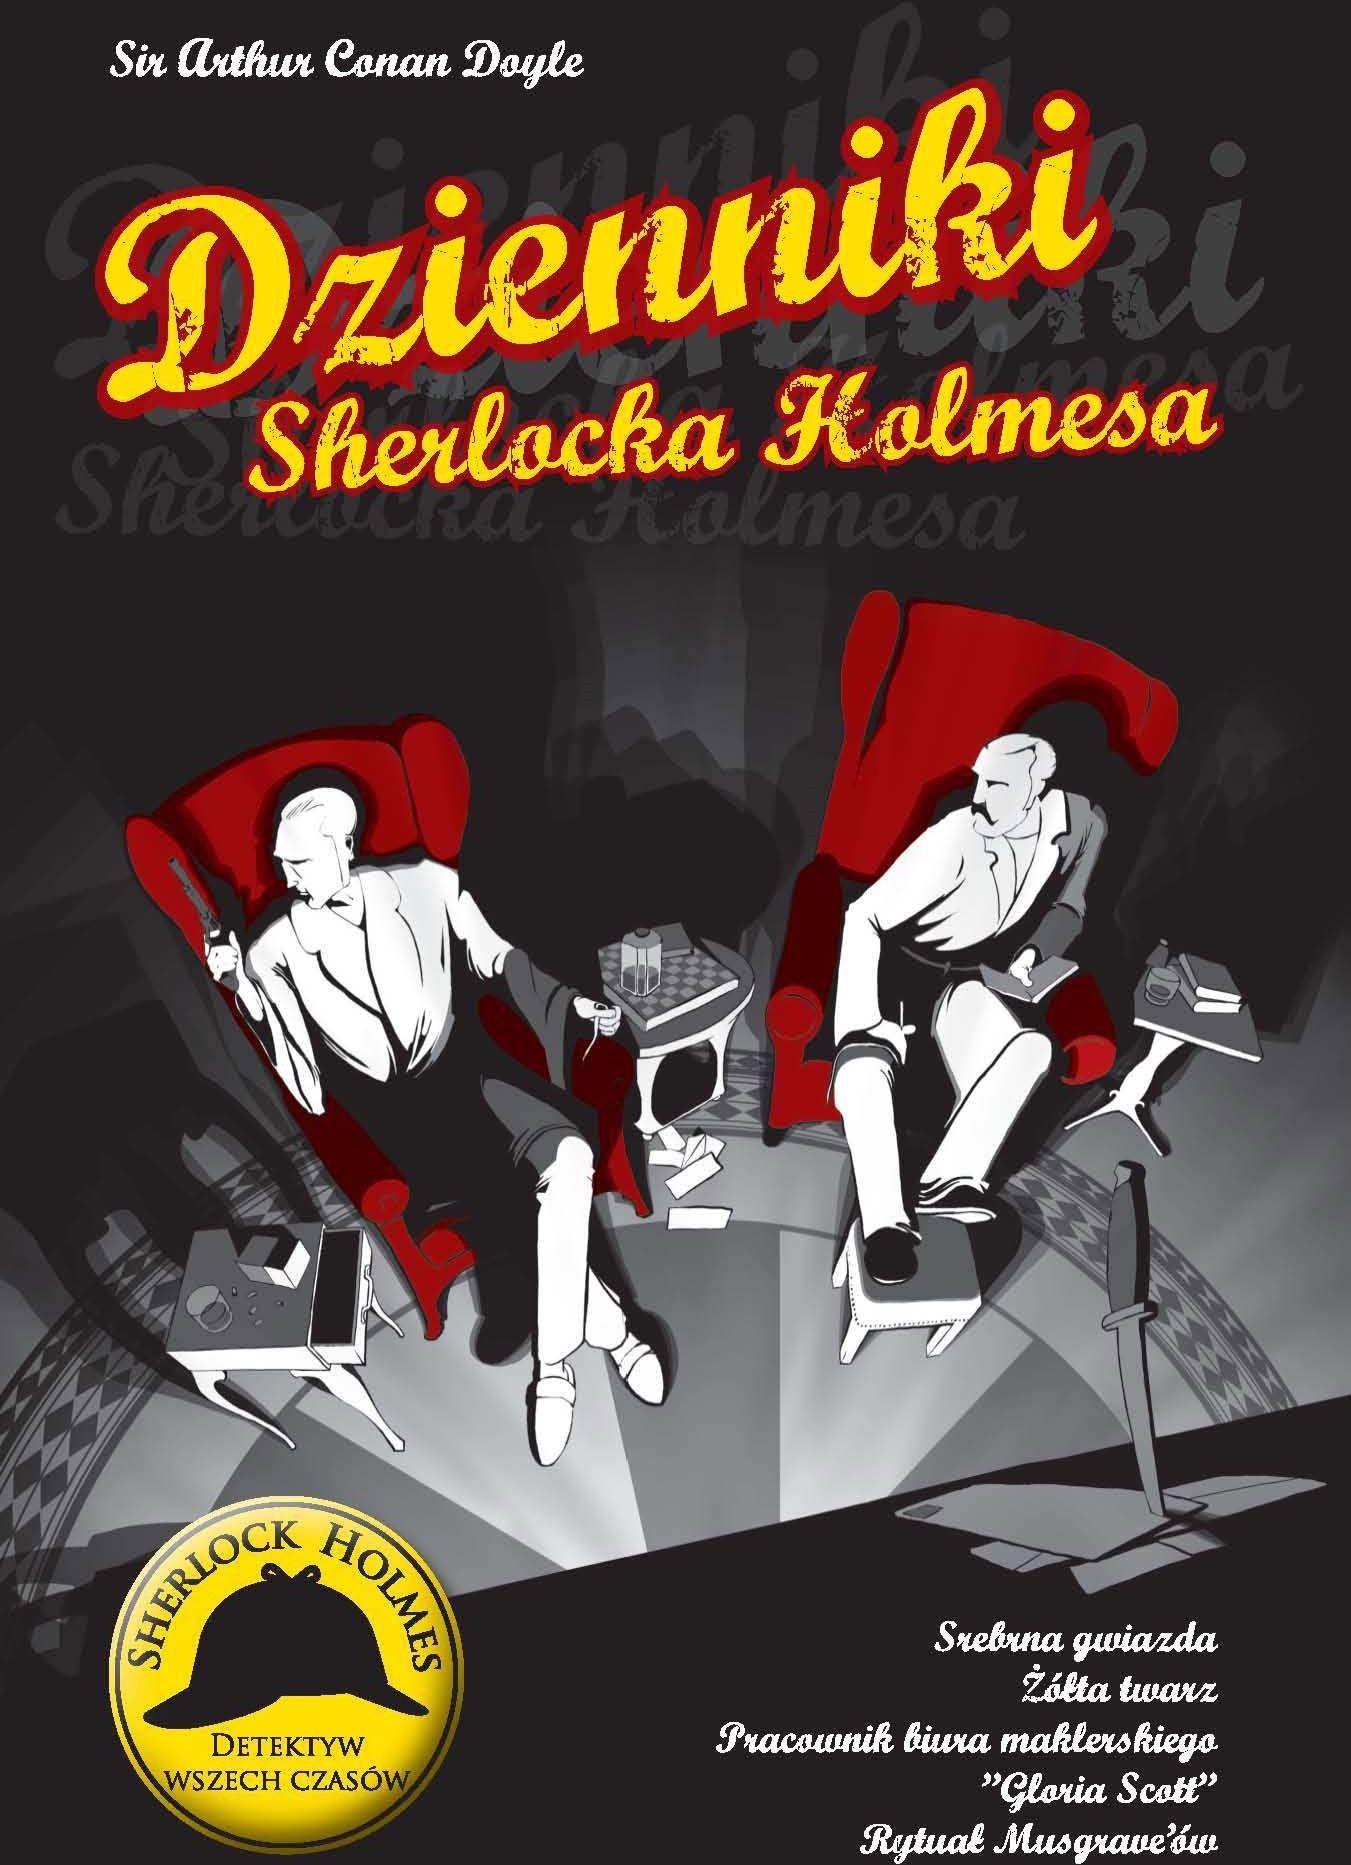 Dzienniki Sherlocka Holmesa - Arthur Conan Doyle - ebook